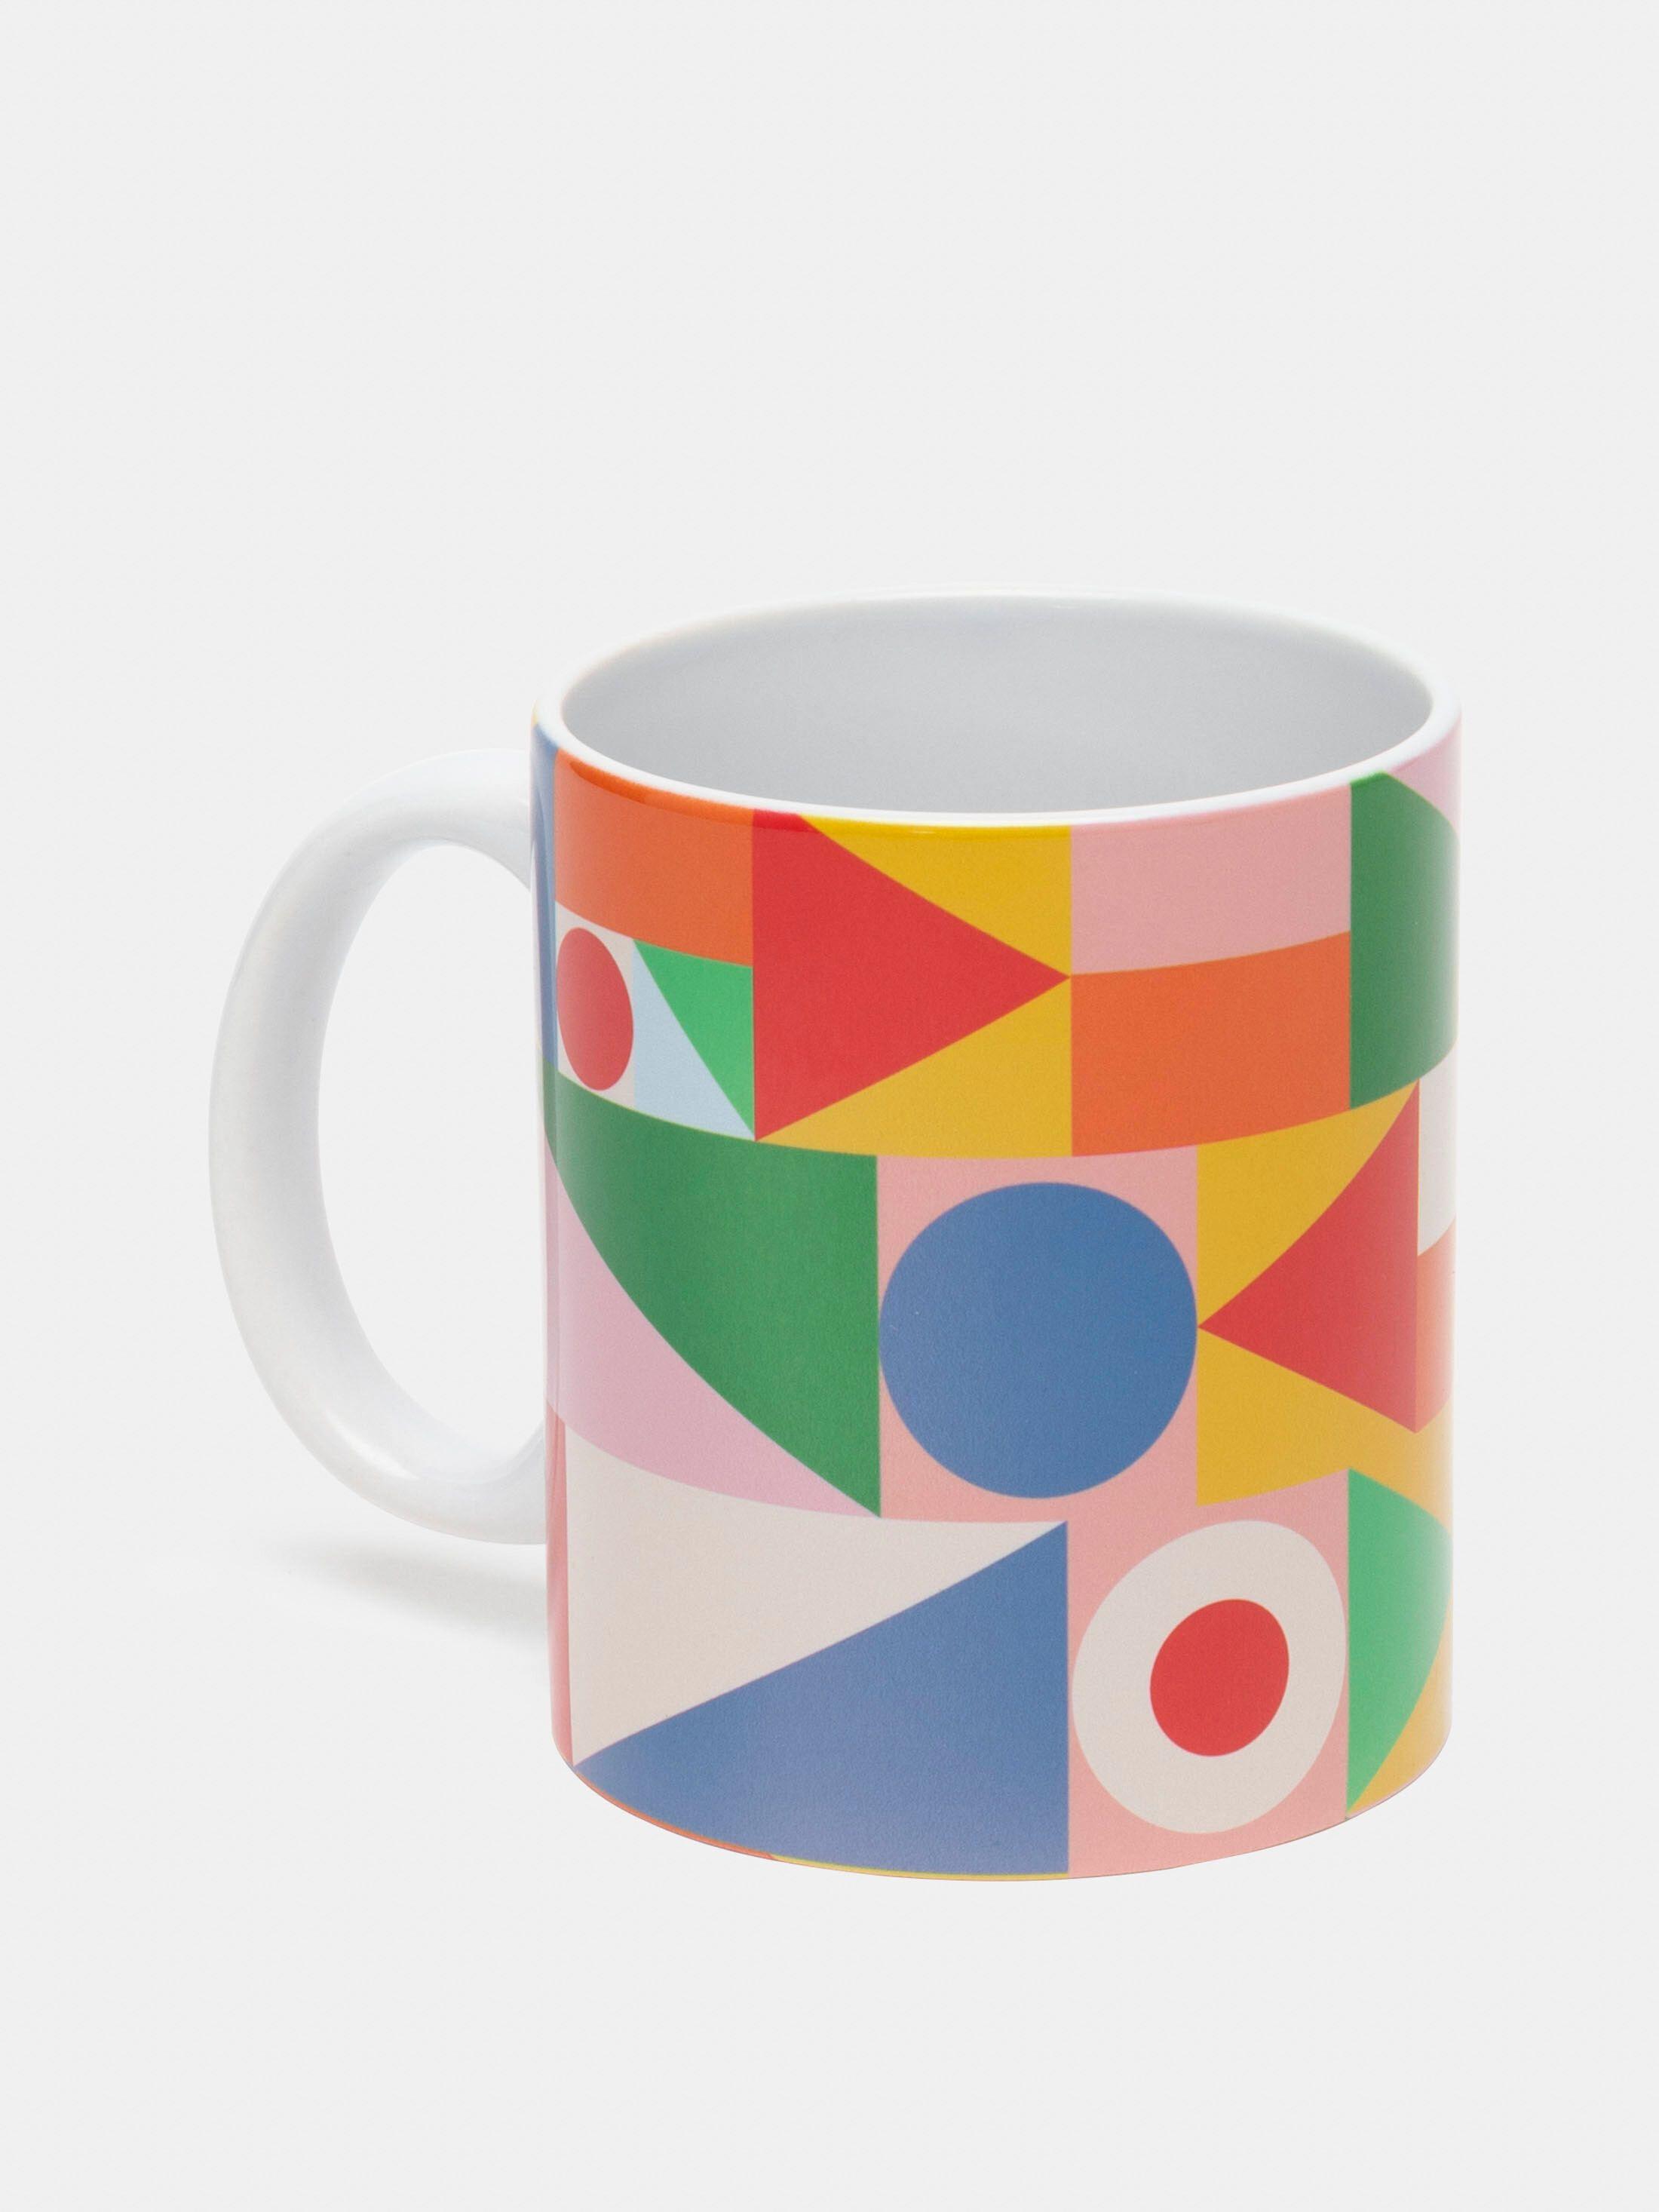 マグカップにオリジナルデザインを印刷